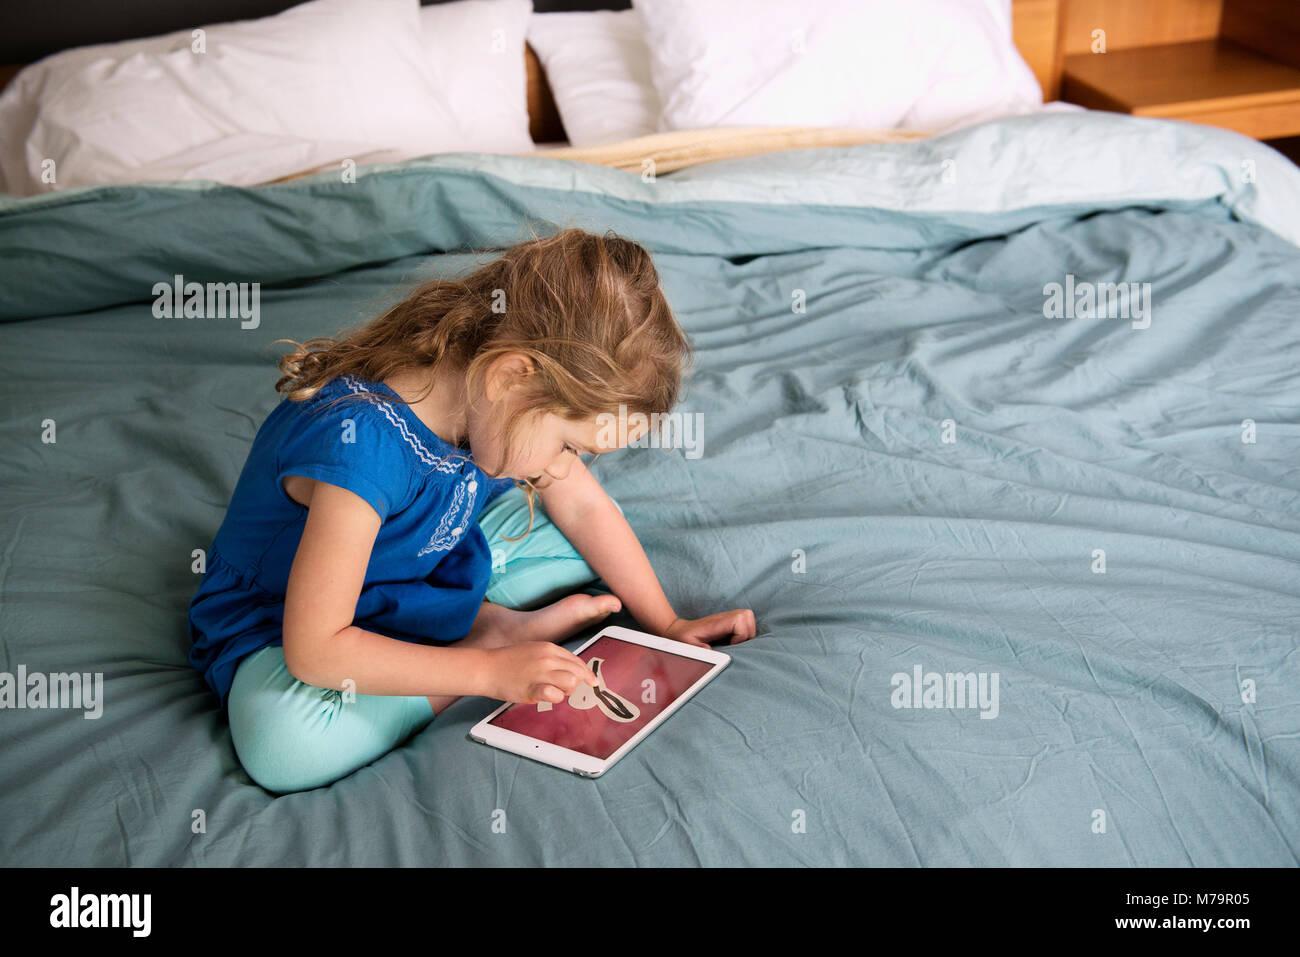 Une fille à l'aide d'un ipad mini pour apprendre à écrire. Photo Stock